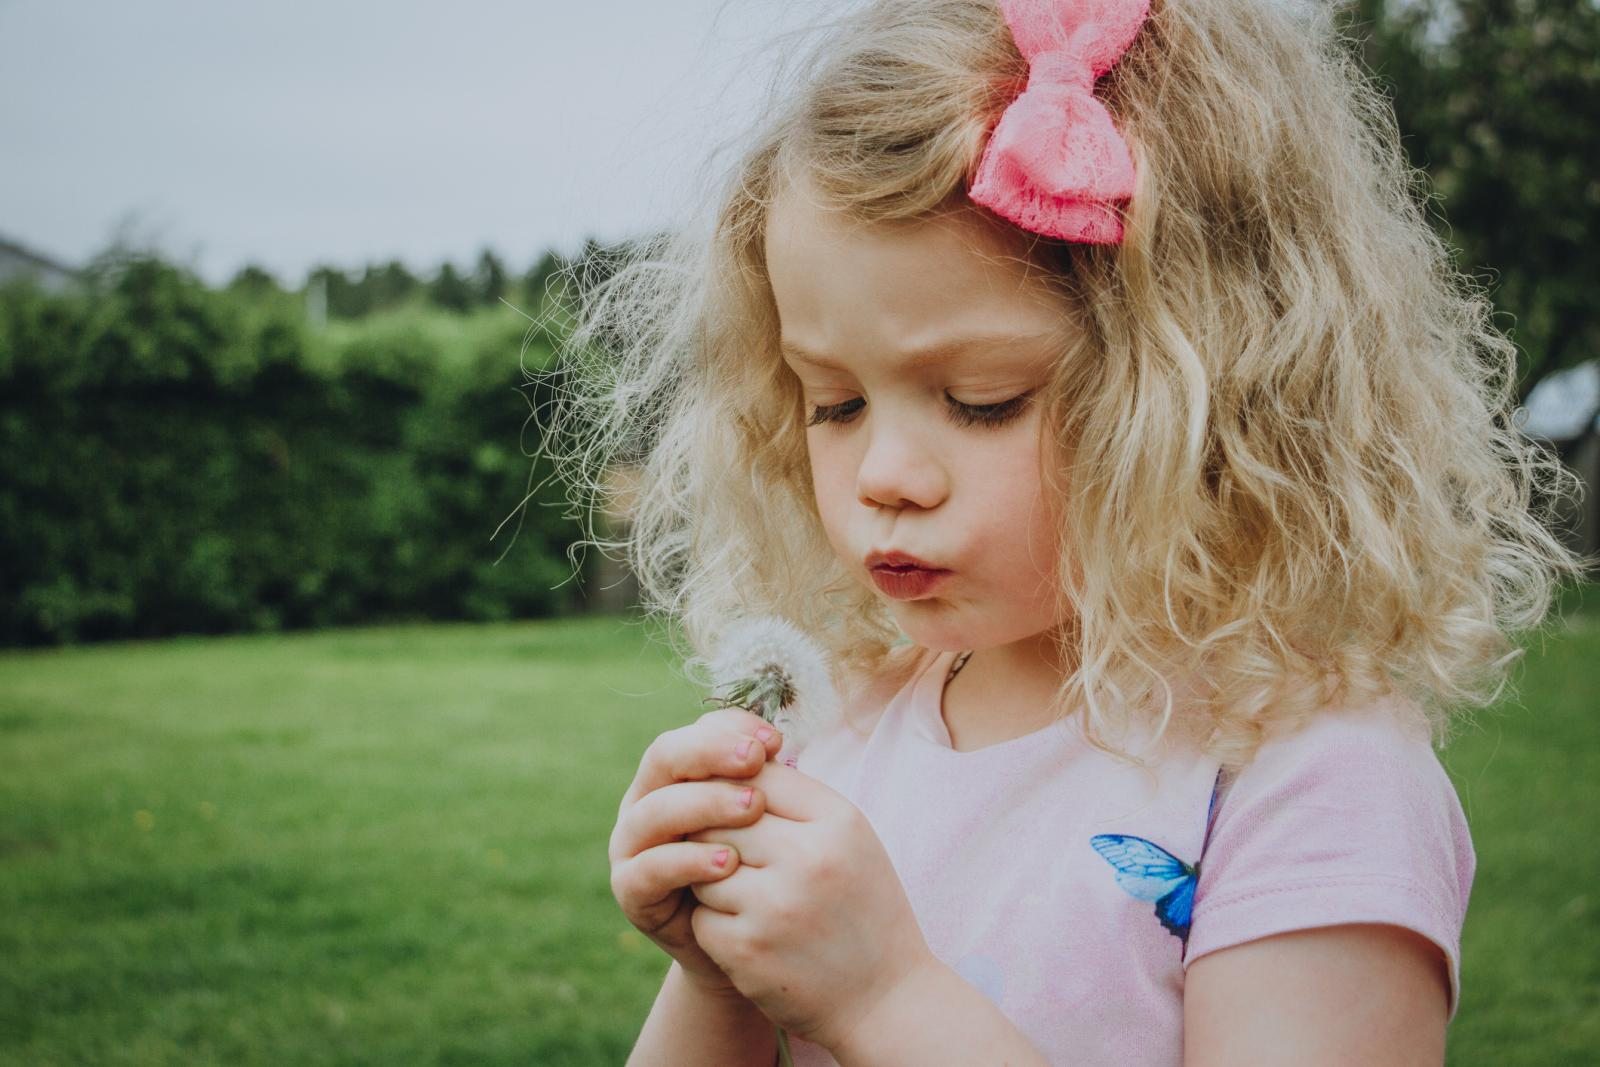 Kad su alergije u pitanju, lako je 'zeznuti se', zato je najbolje odvesti dijete na testiranje.